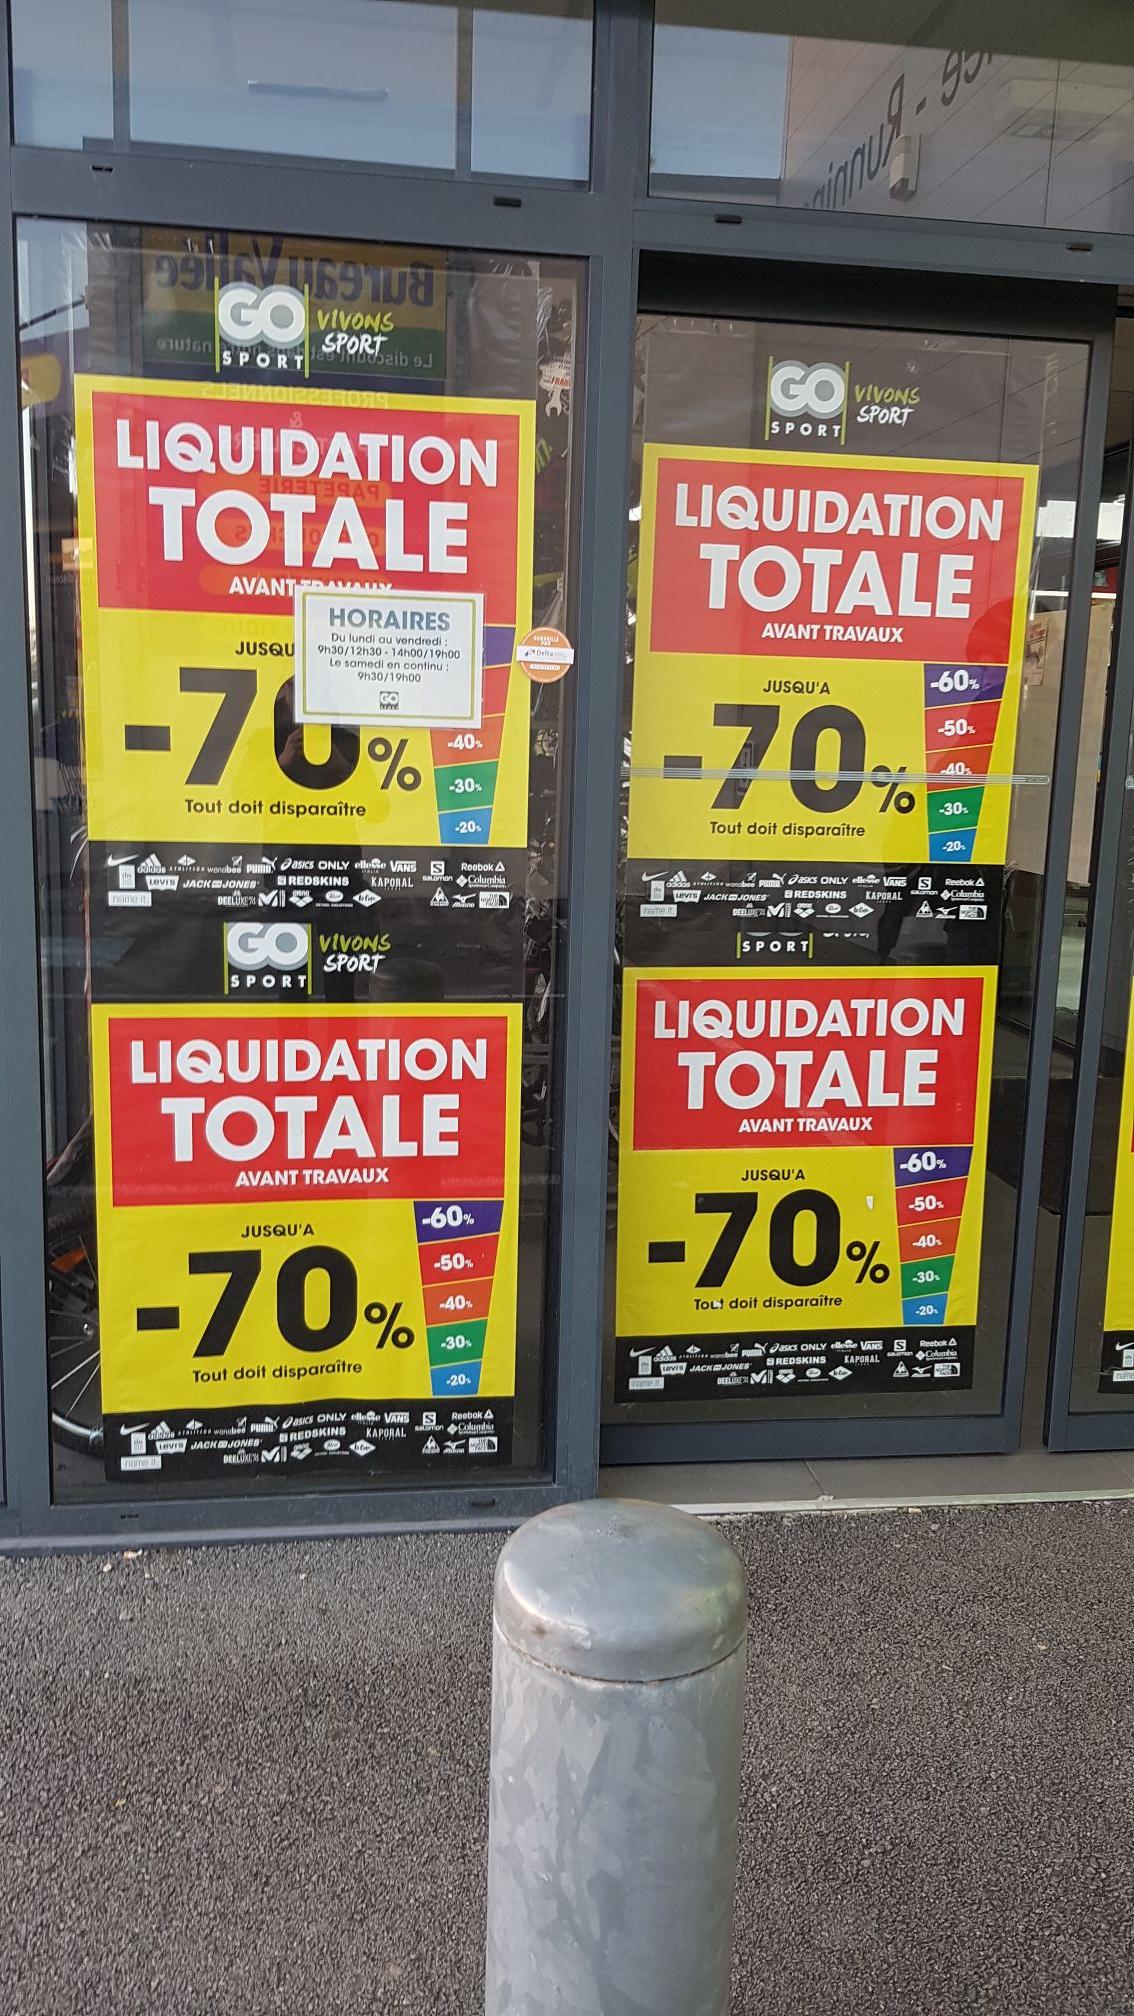 Jusqu'à 70% de réduction sur tout le magasin (liquidation totale) - Muzillac (56) — Ex. : Manteau The North Face La Paz à 100 €